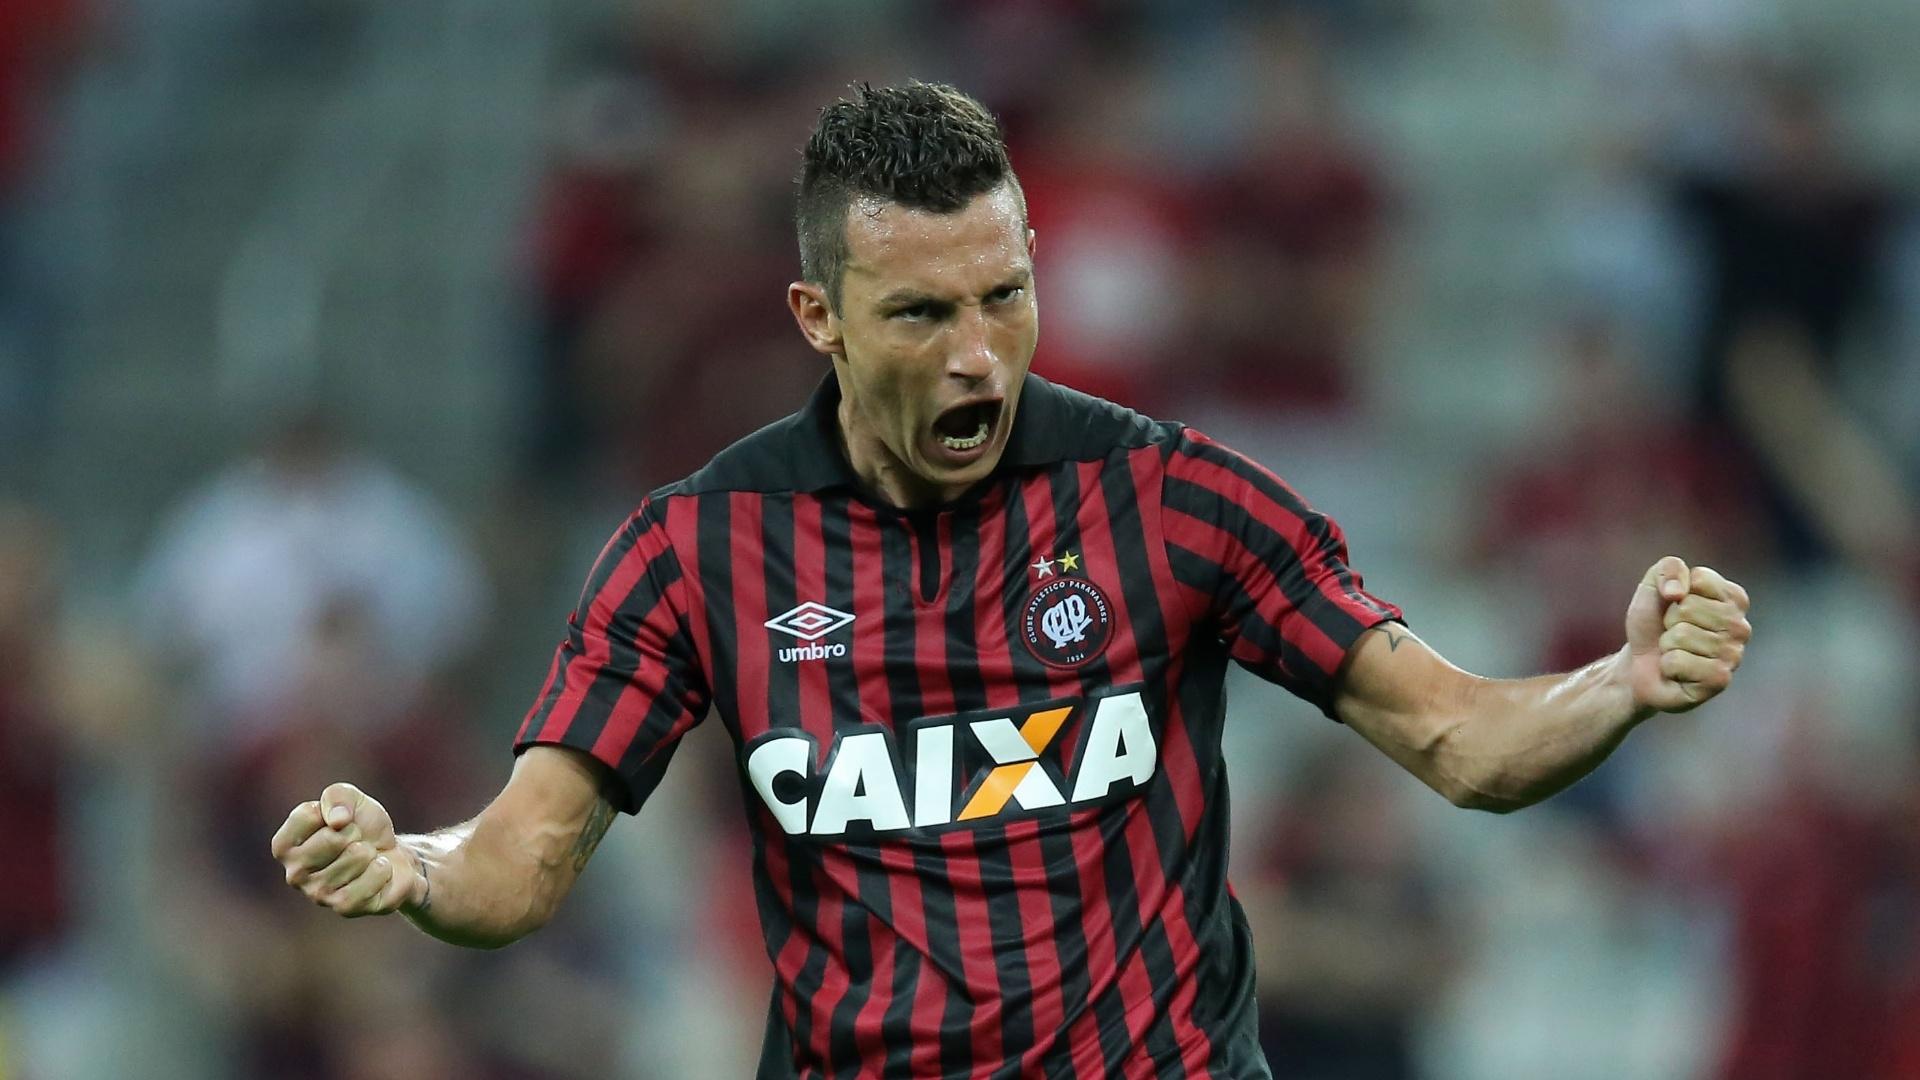 Experiente zagueiro Gustavo estreia e comemora o gol do Atlético-PR